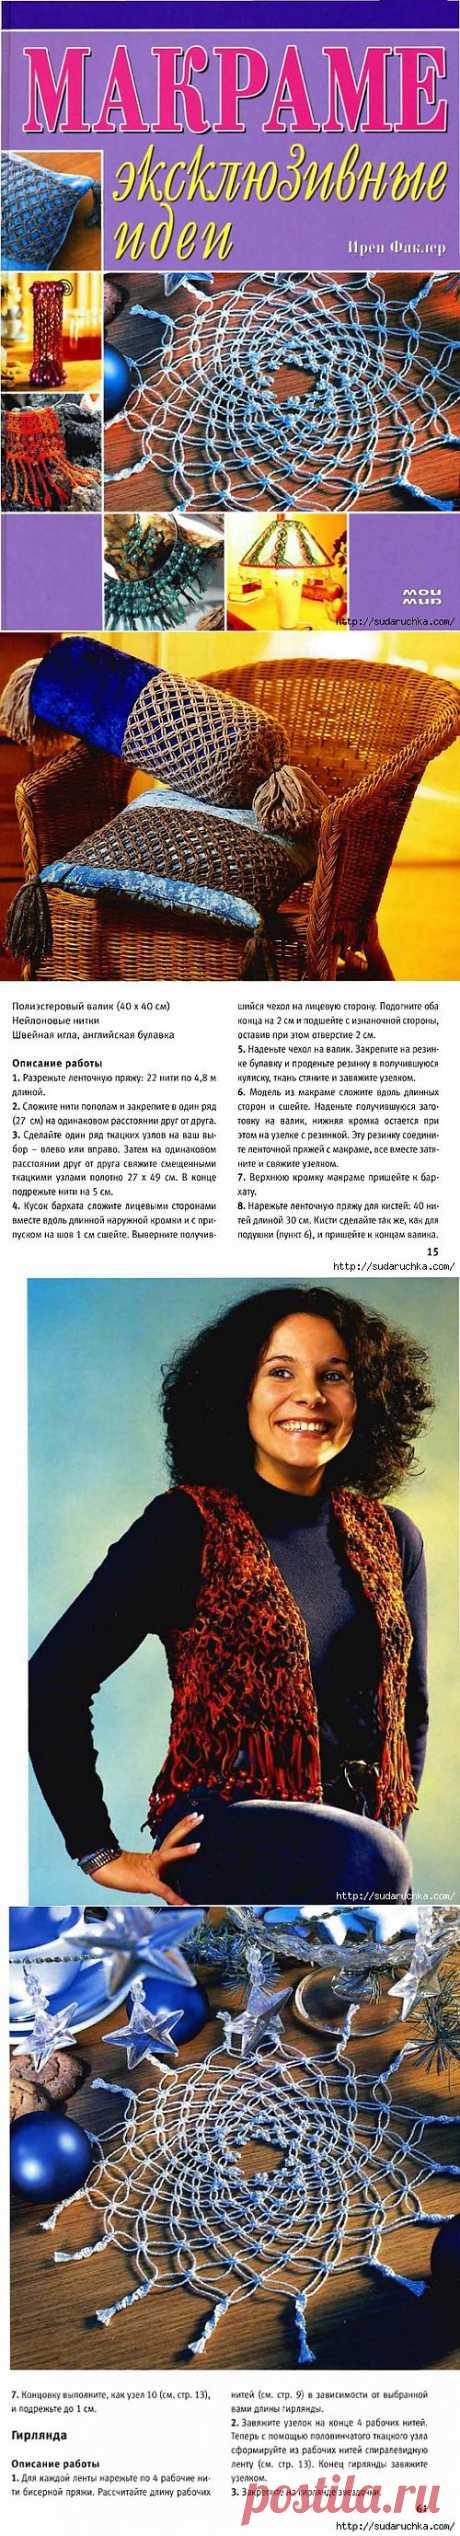 """""""Макраме - эксклюзивные модели"""". Журнал по рукоделию.."""